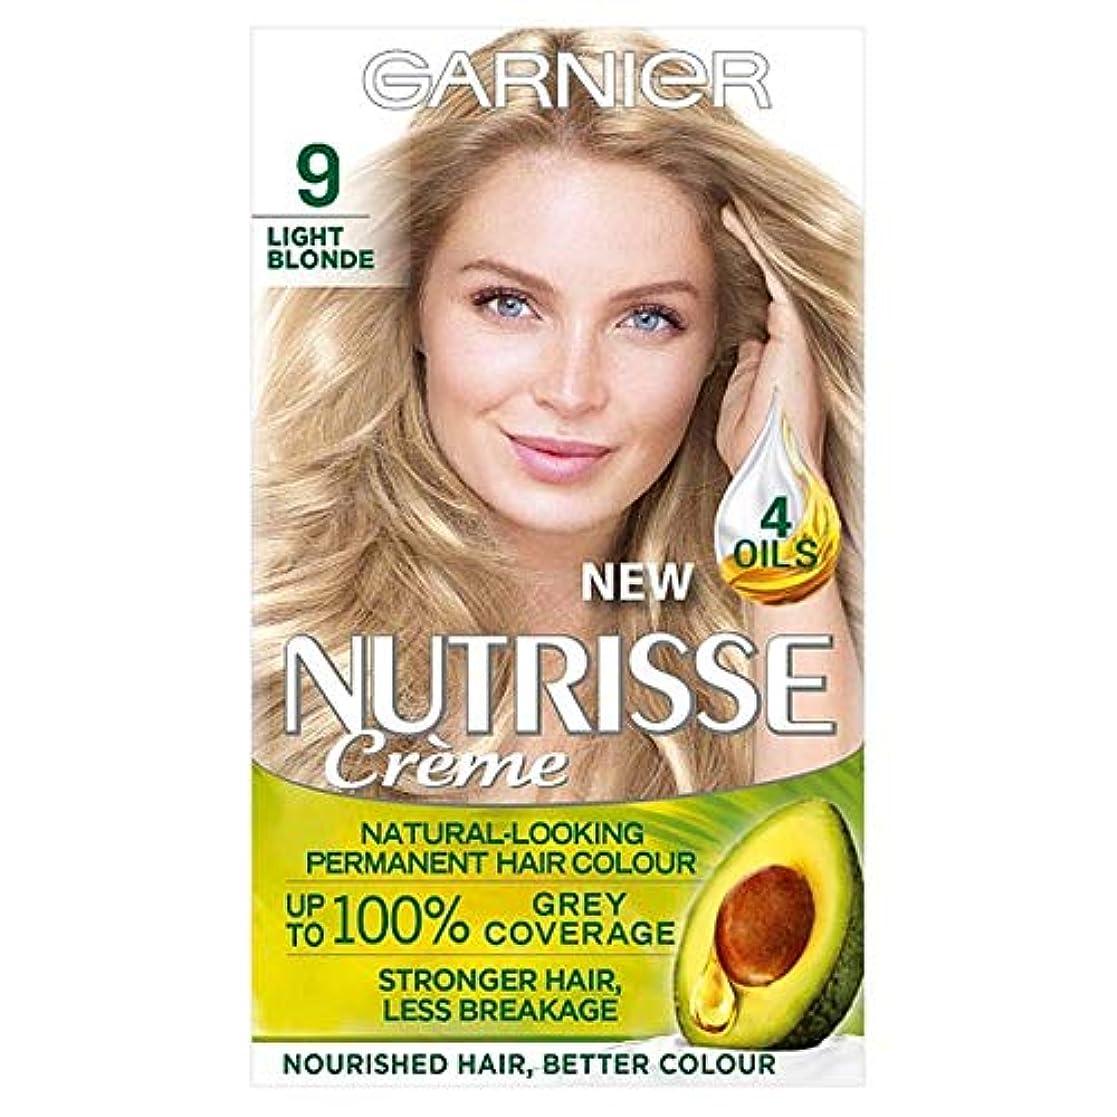 複合紳士気取りの、きざなスパイラル[Nutrisse] ガルニエNutrisse 9ライトブロンドパーマネントヘアダイ - Garnier Nutrisse 9 Light Blonde Permanent Hair Dye [並行輸入品]